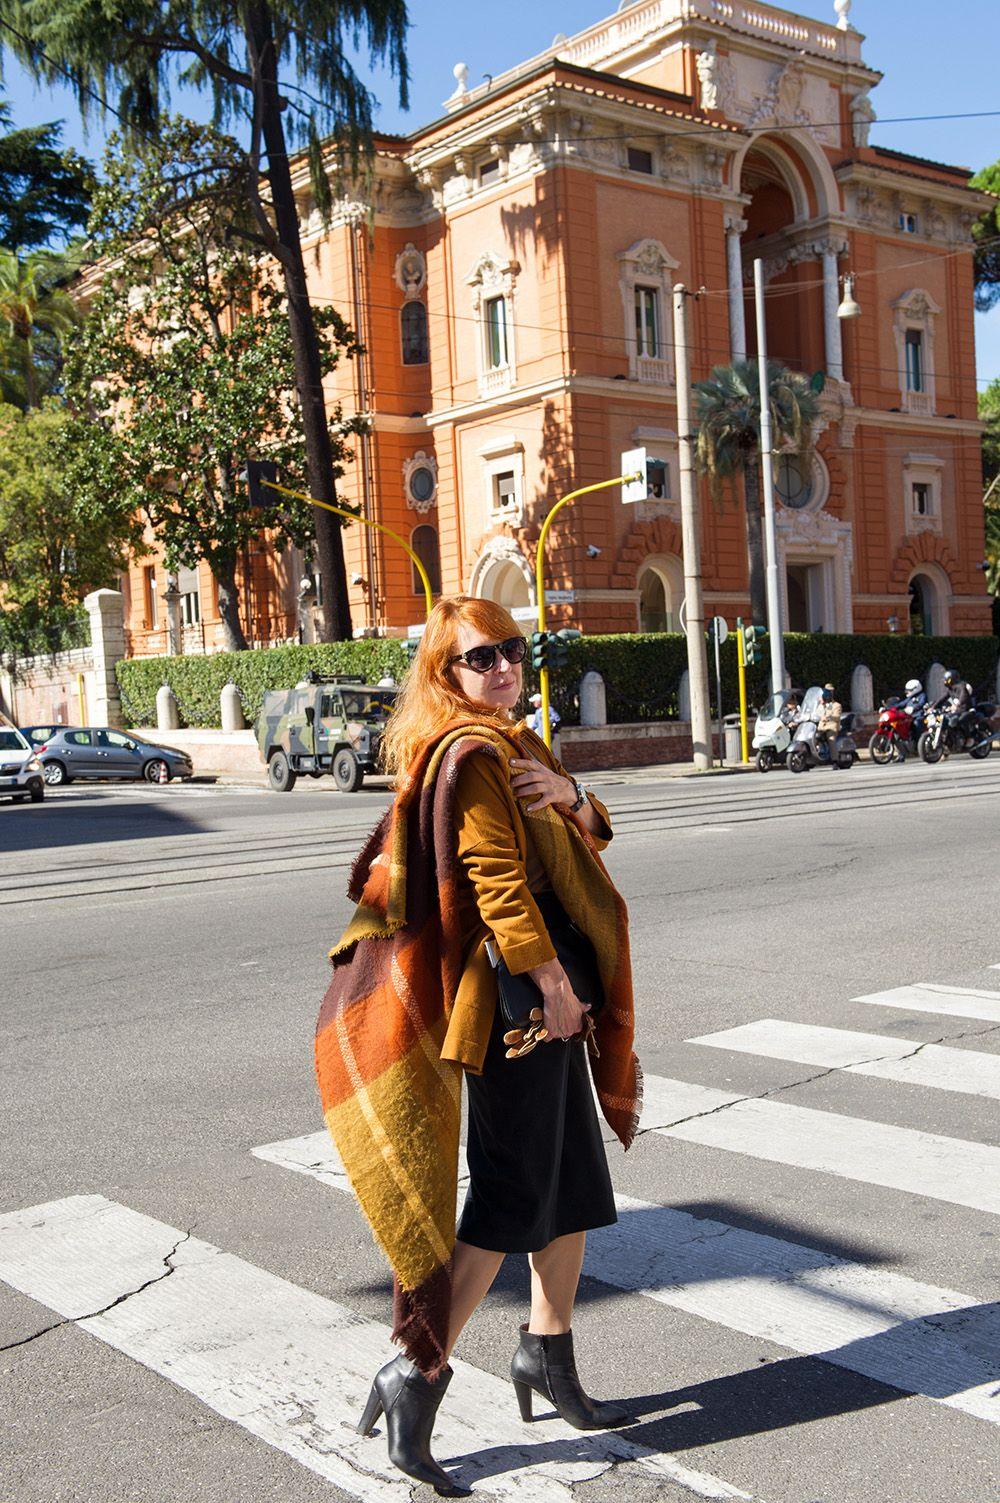 Babie letá: 50+: Prázdniny v Ríme - III. časť